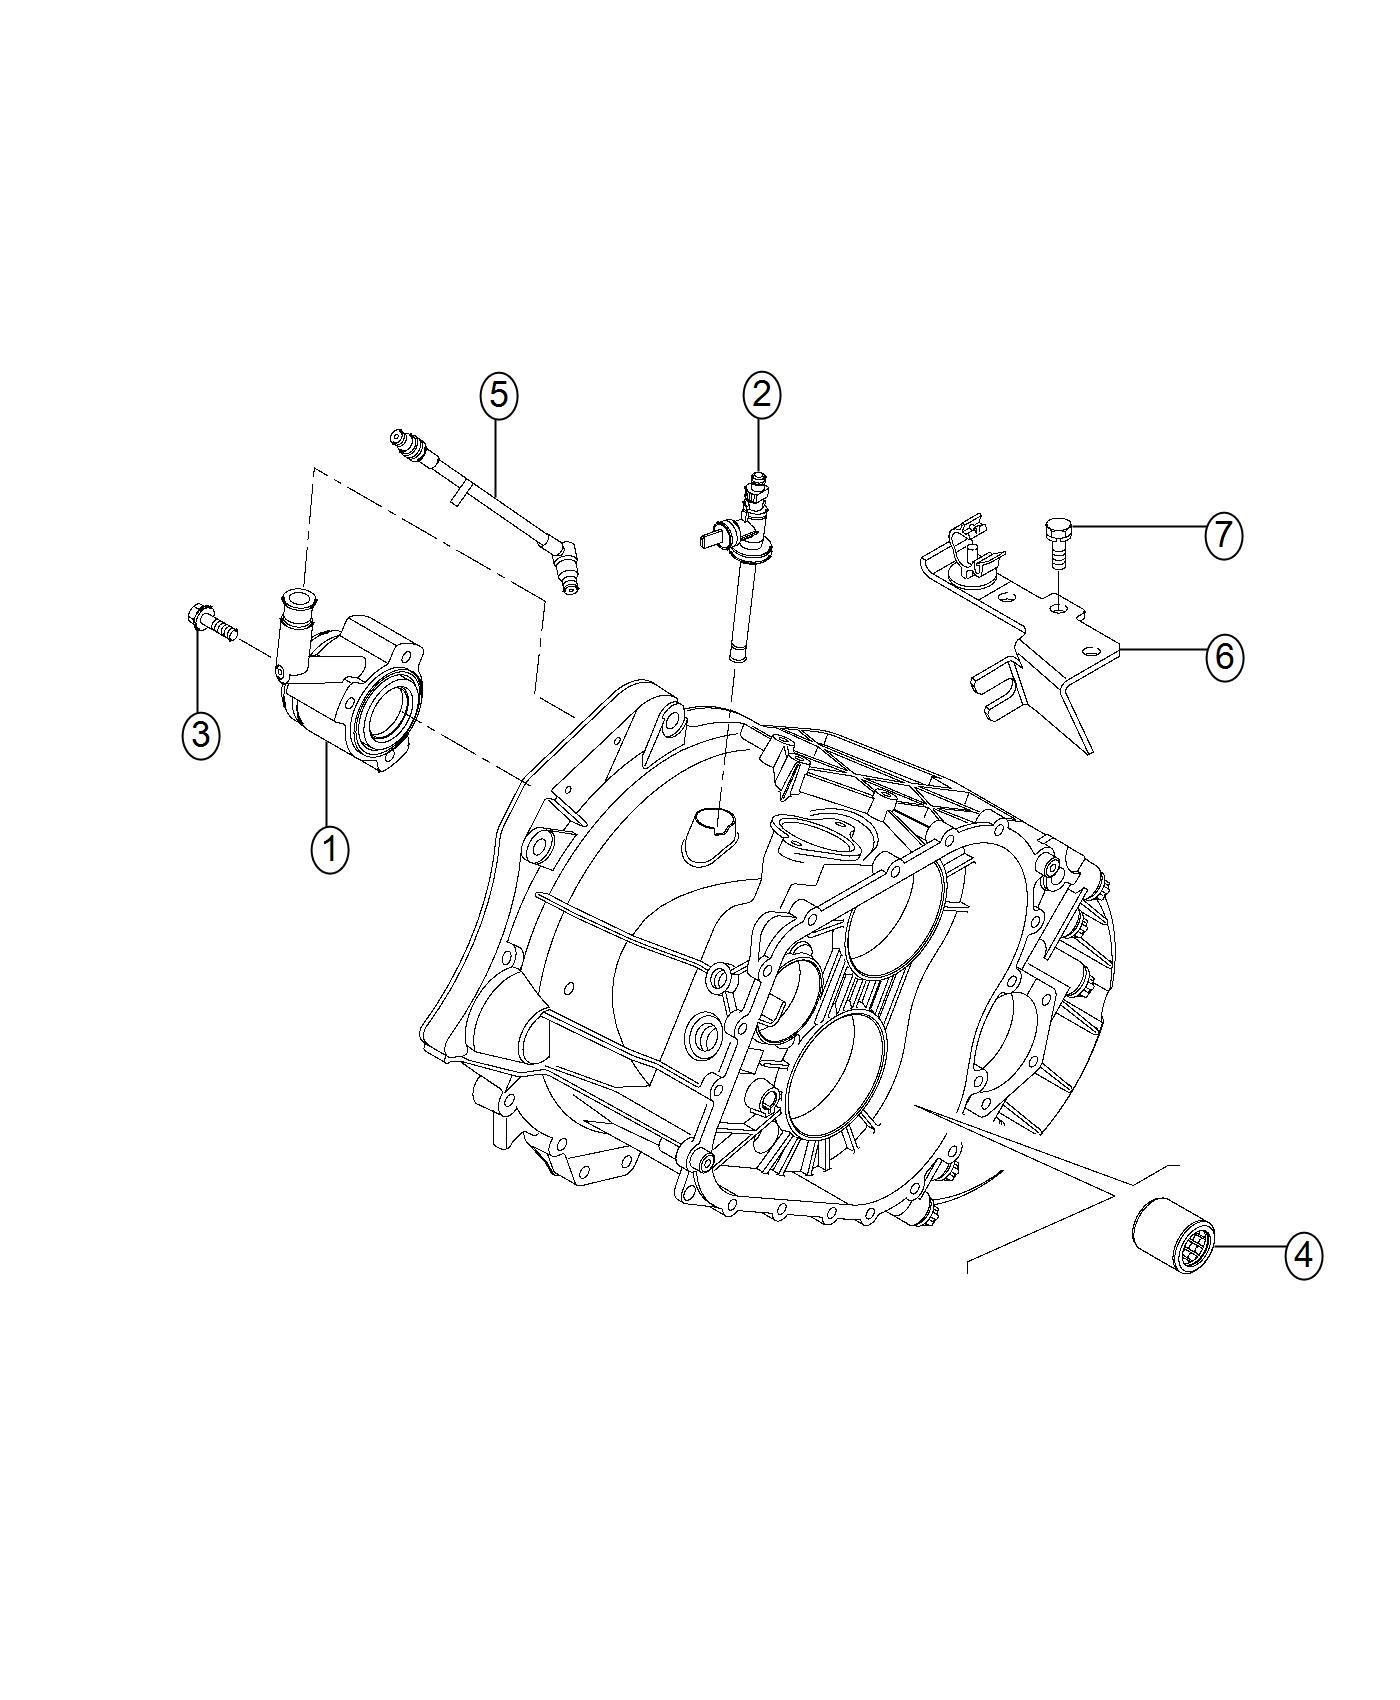 2015 Ram 1500 Roller bearing. Transmission. Trim: [no